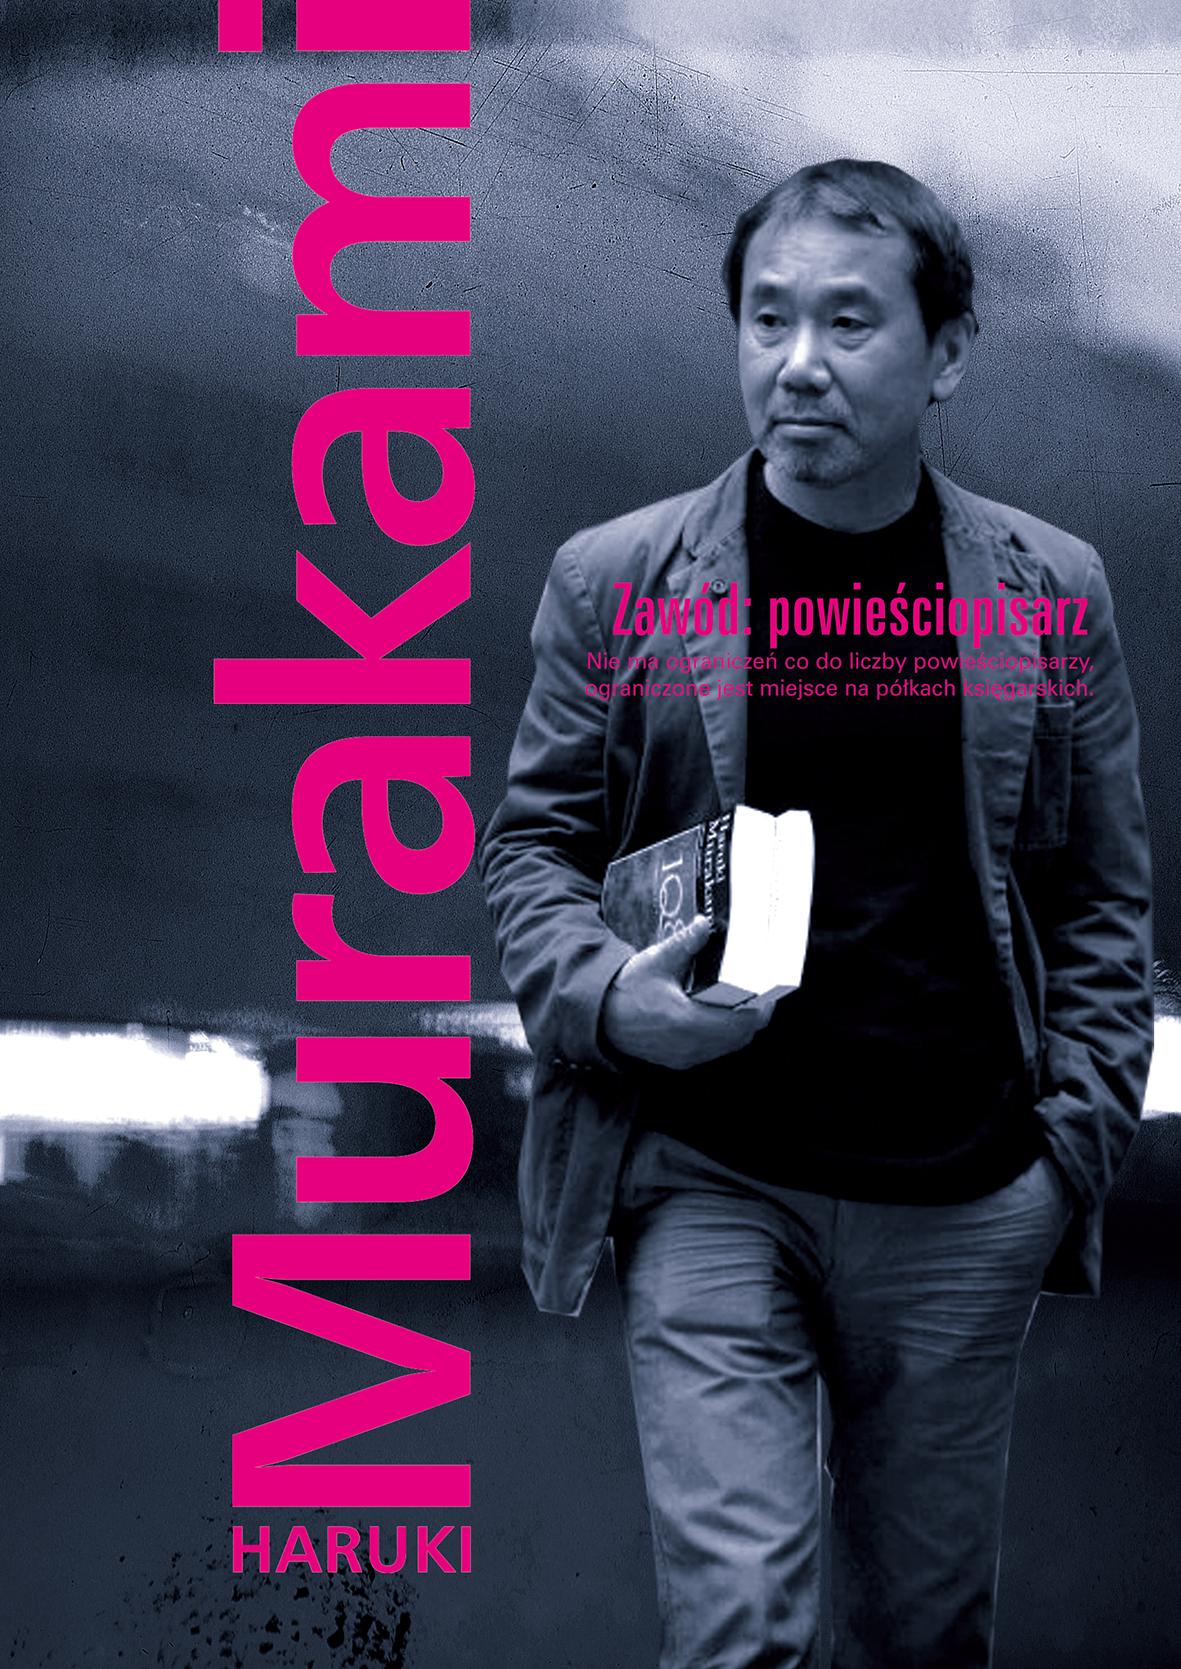 """Haruki Murakami, """"Zawód: powieściopisarz"""" (źródło: materiały prasowe wydawcy)"""